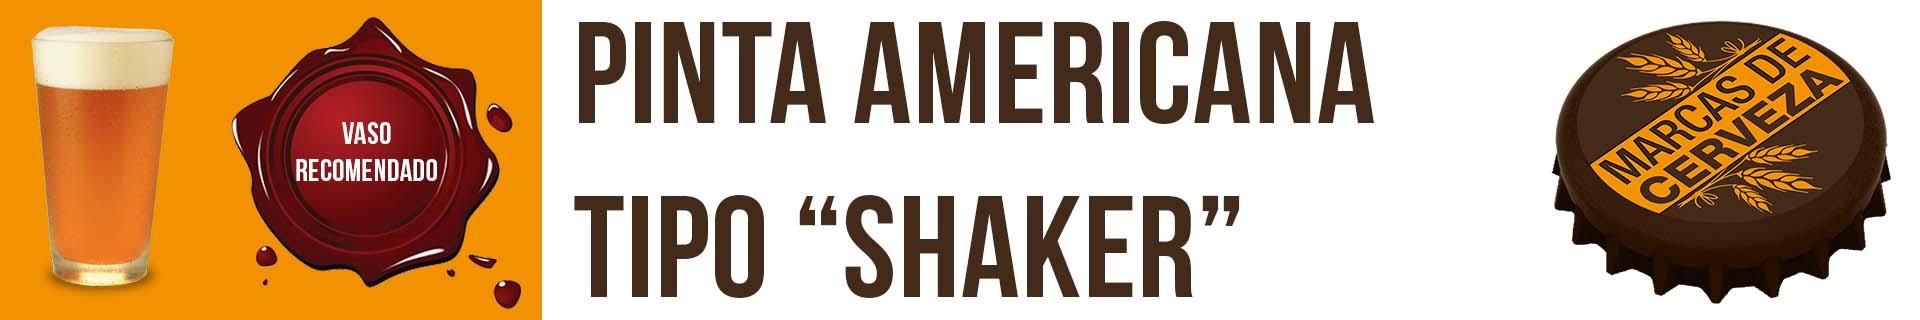 Vaso recomendado para cerveza pinta americana tipo shaker